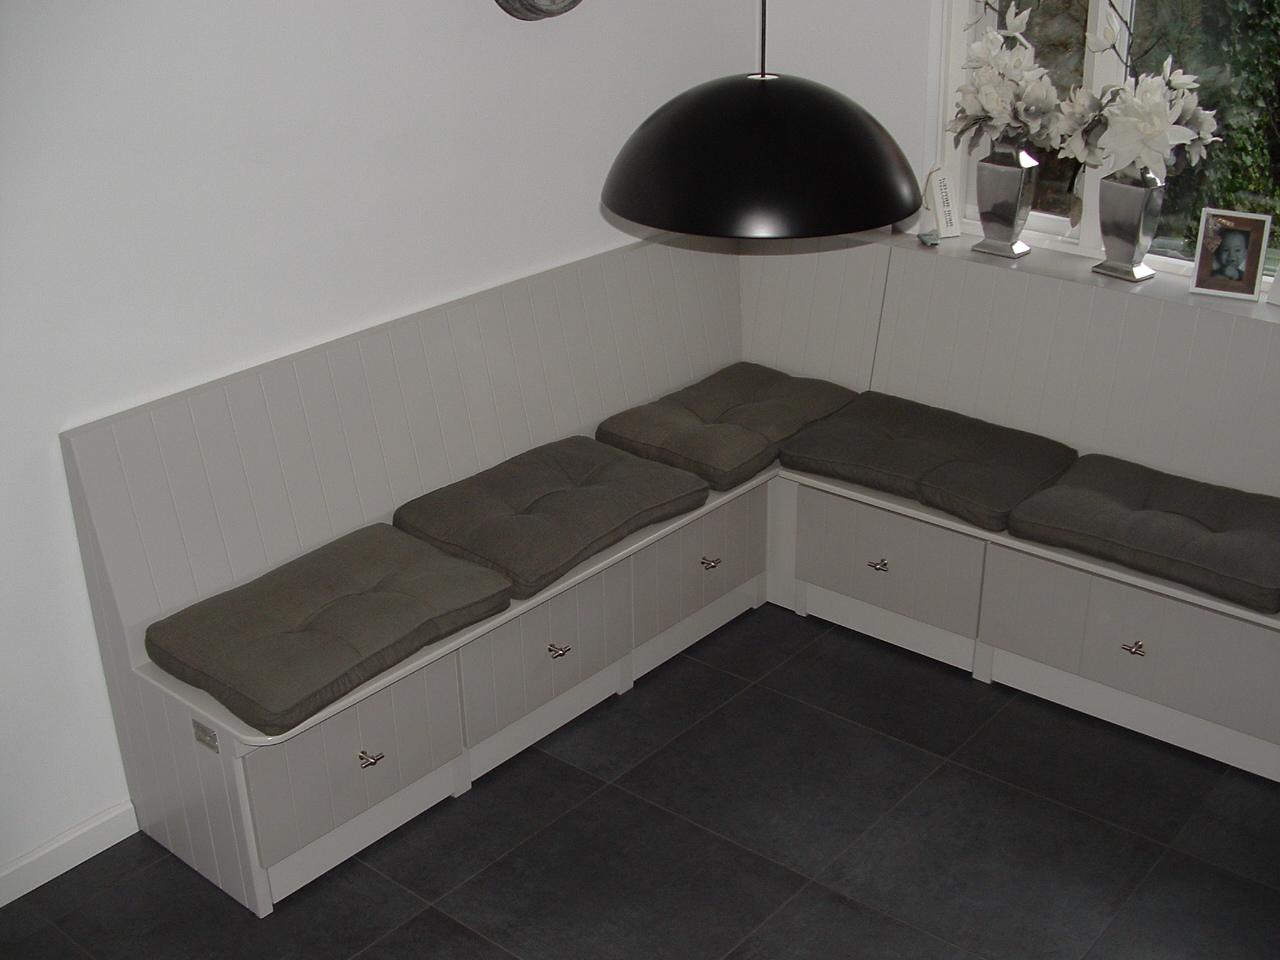 Keuken Hoekbank Op Maat : Maatwerk meubelsR.S. Jonkman